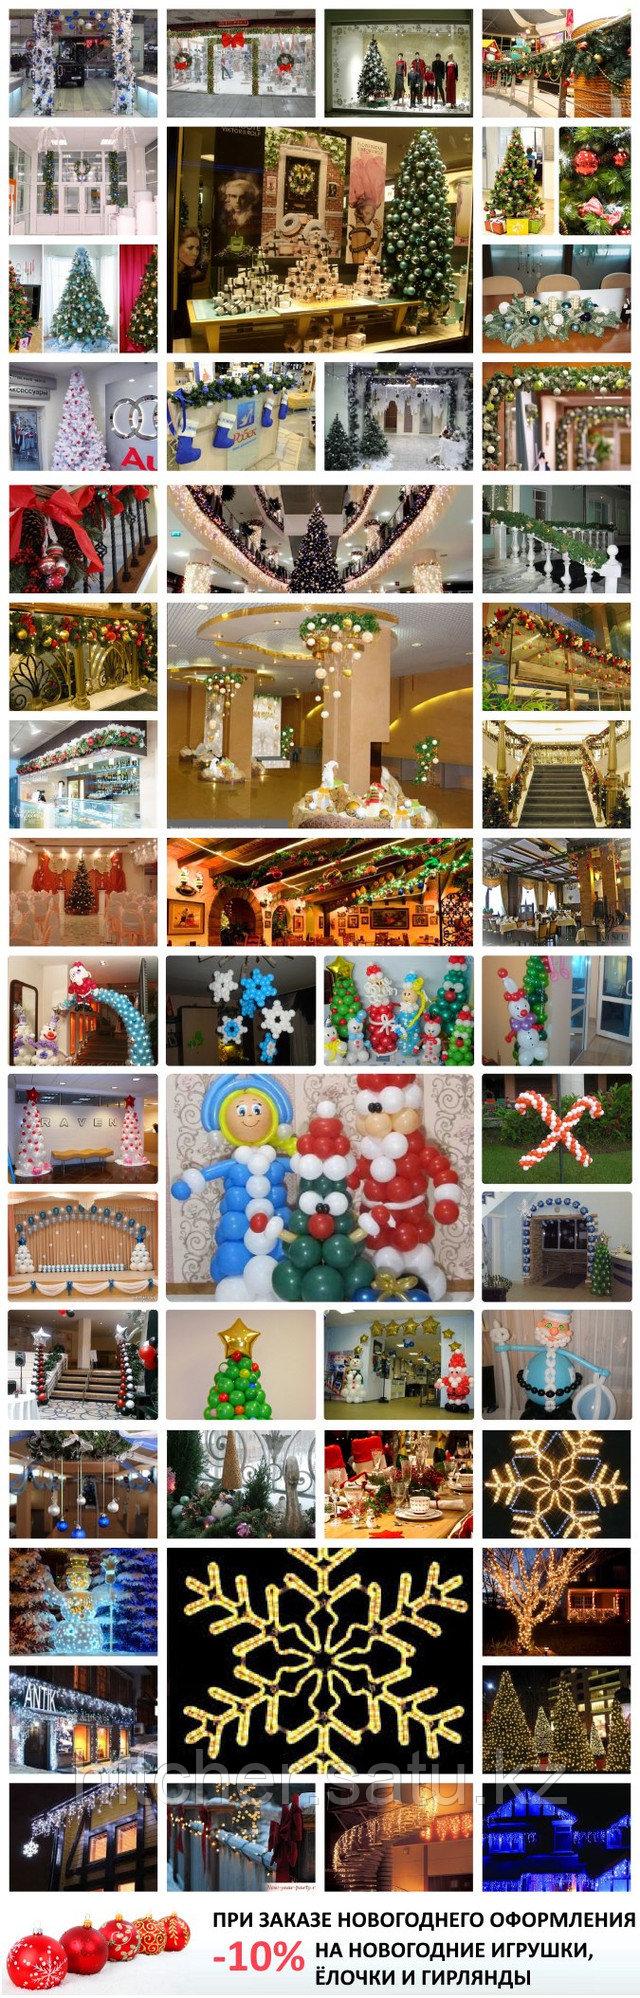 Новогодние украшения и оформление в Алматы заказать